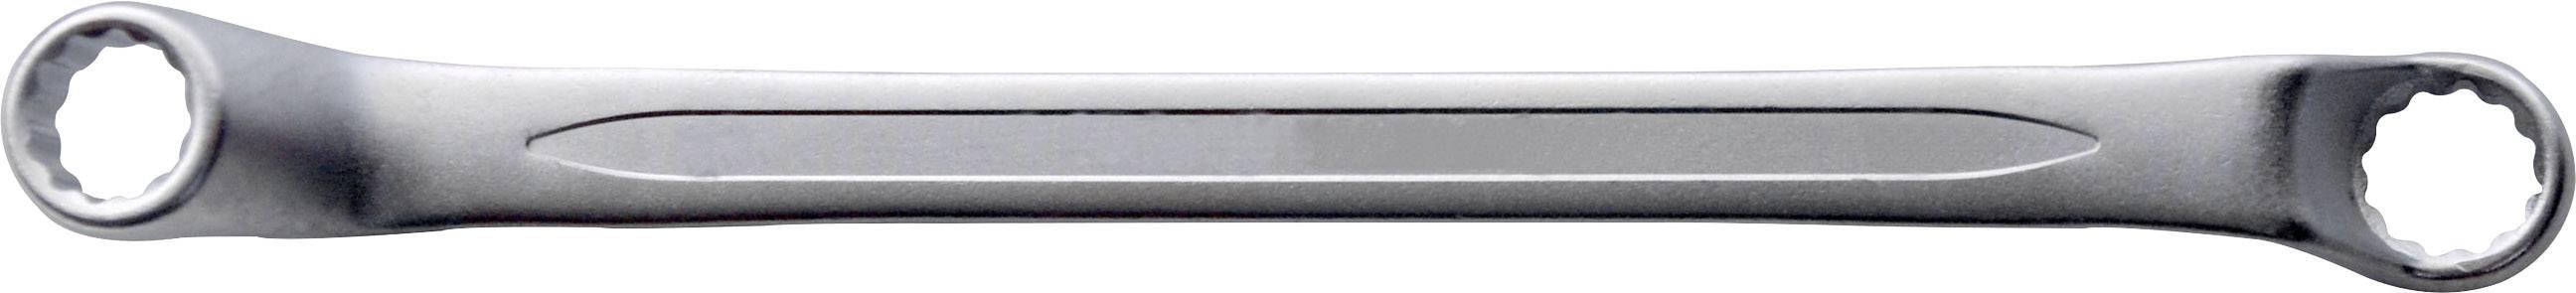 Oboustranný očkový klíč TOOLCRAFT 820855, 20 - 22 mm